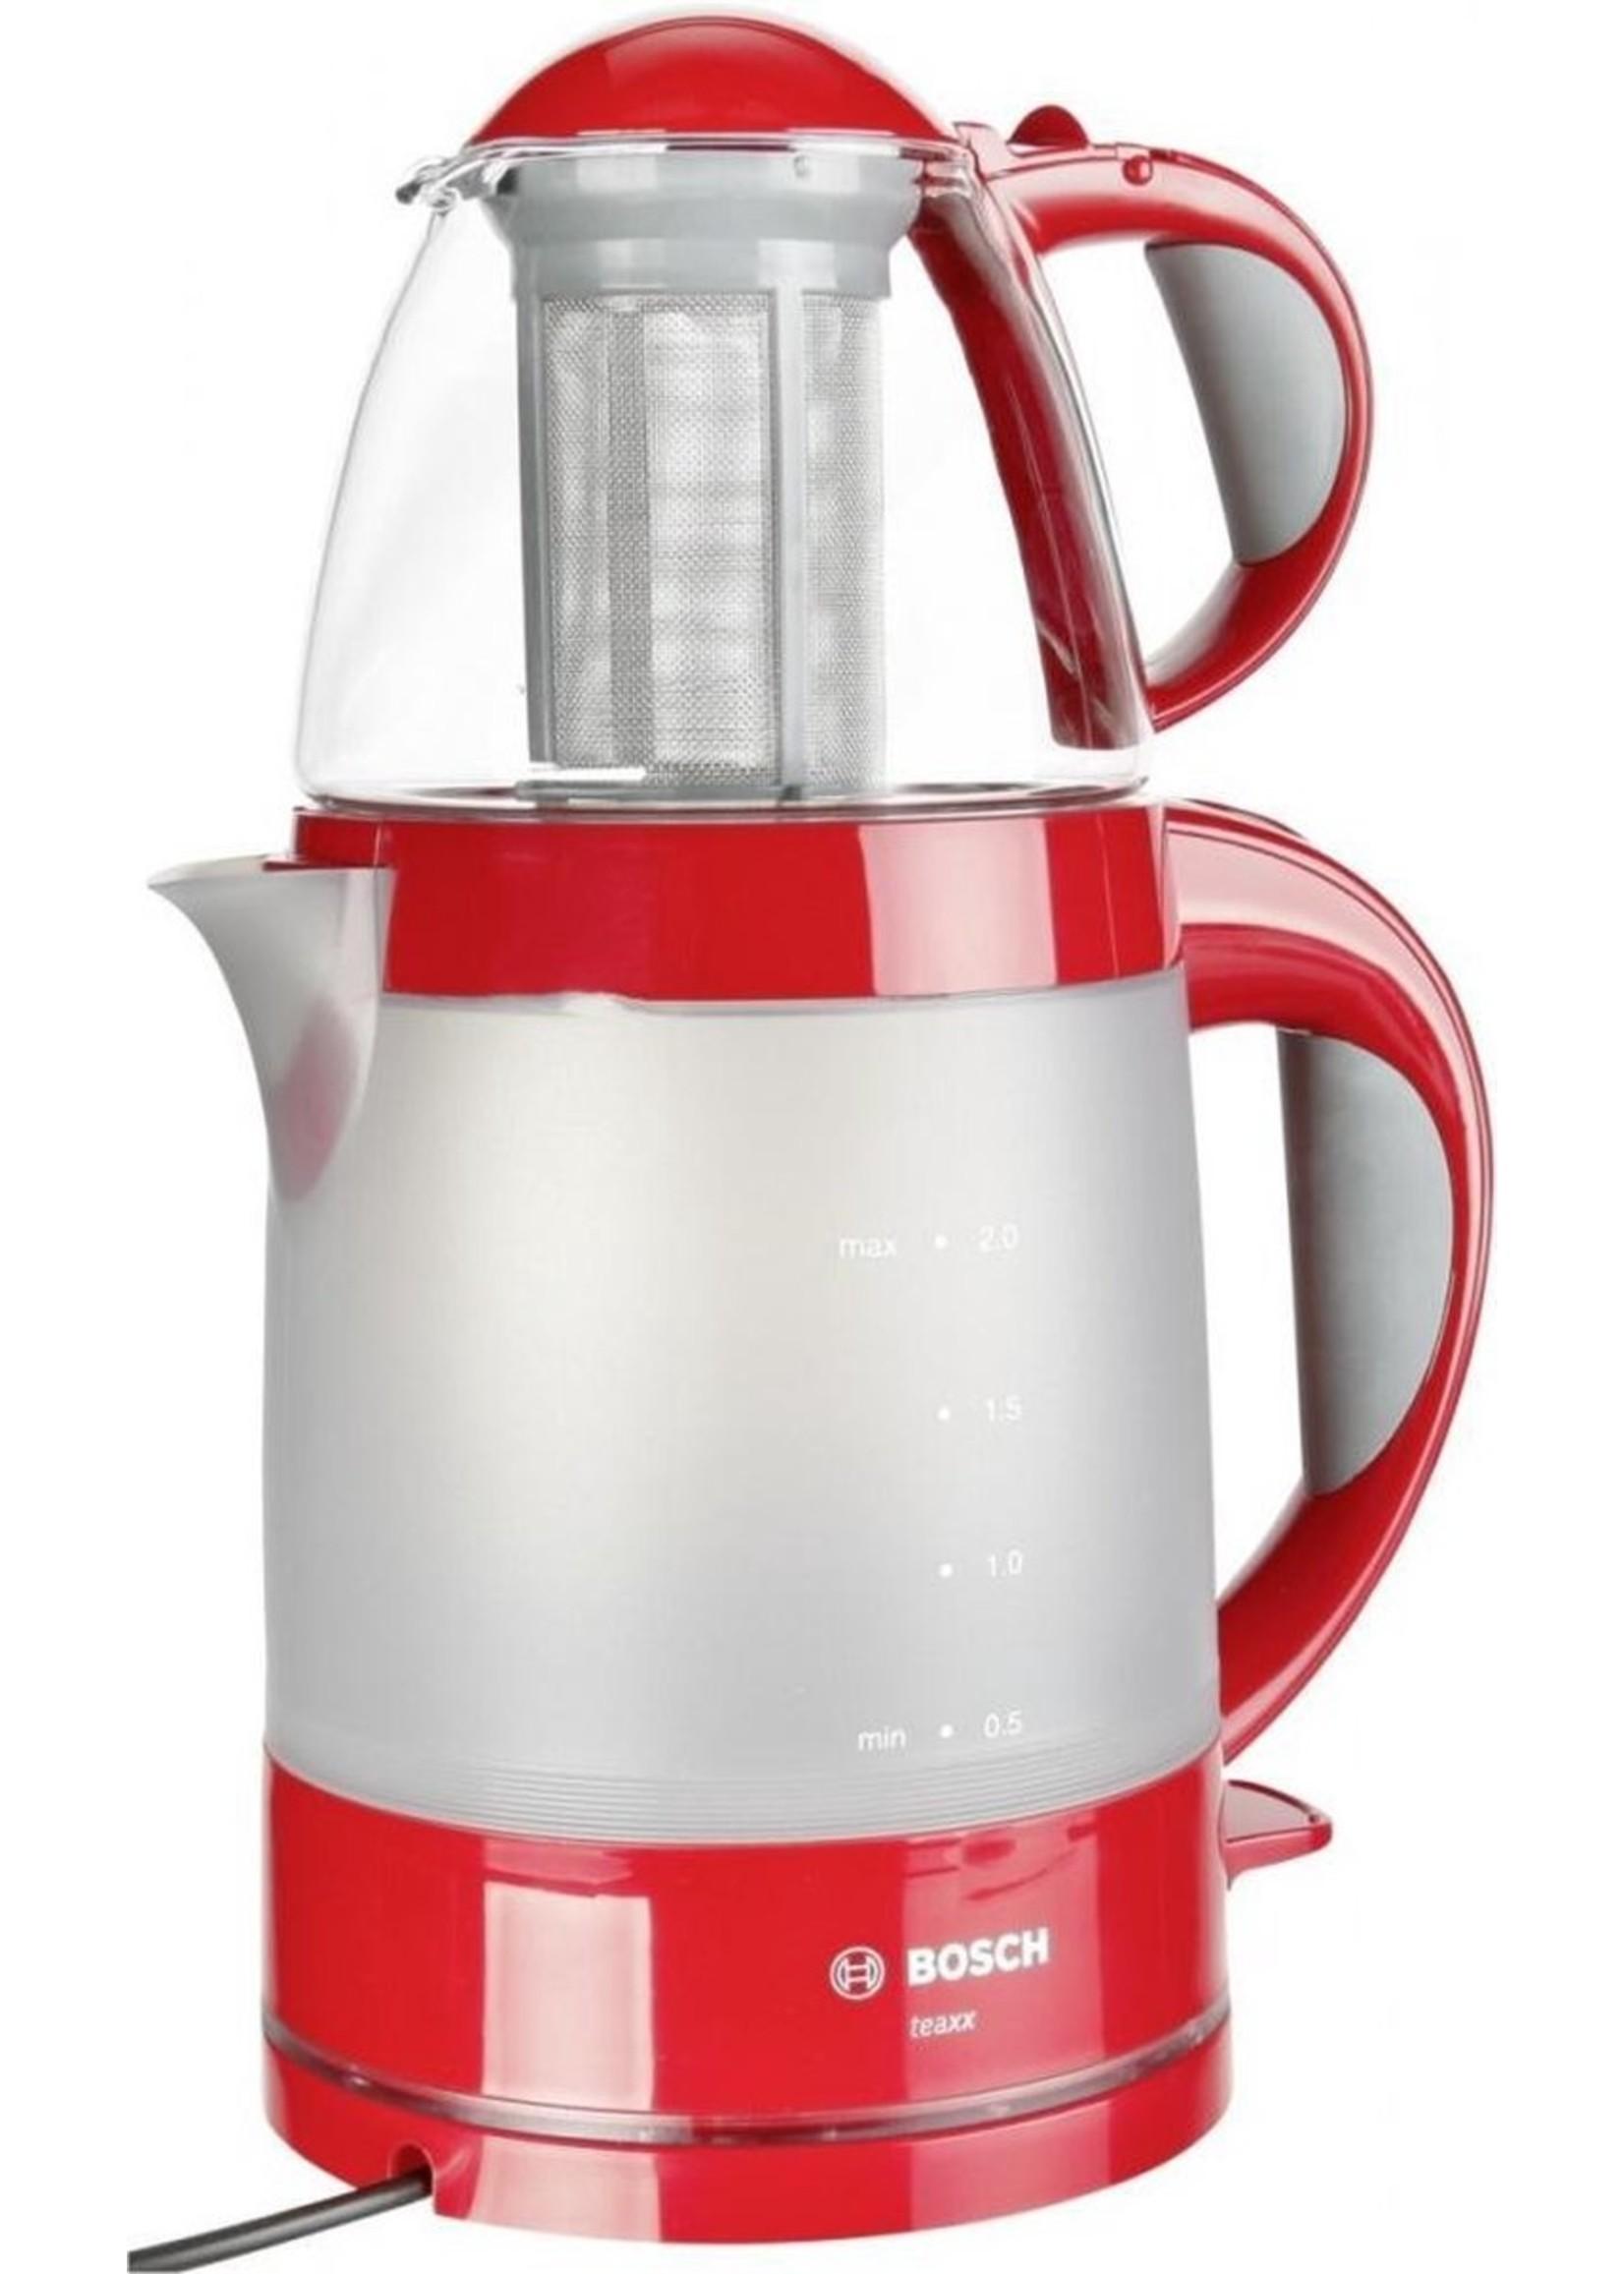 Bosch Bosch TTA2010 - Waterkoker - Rood koopjeshoek